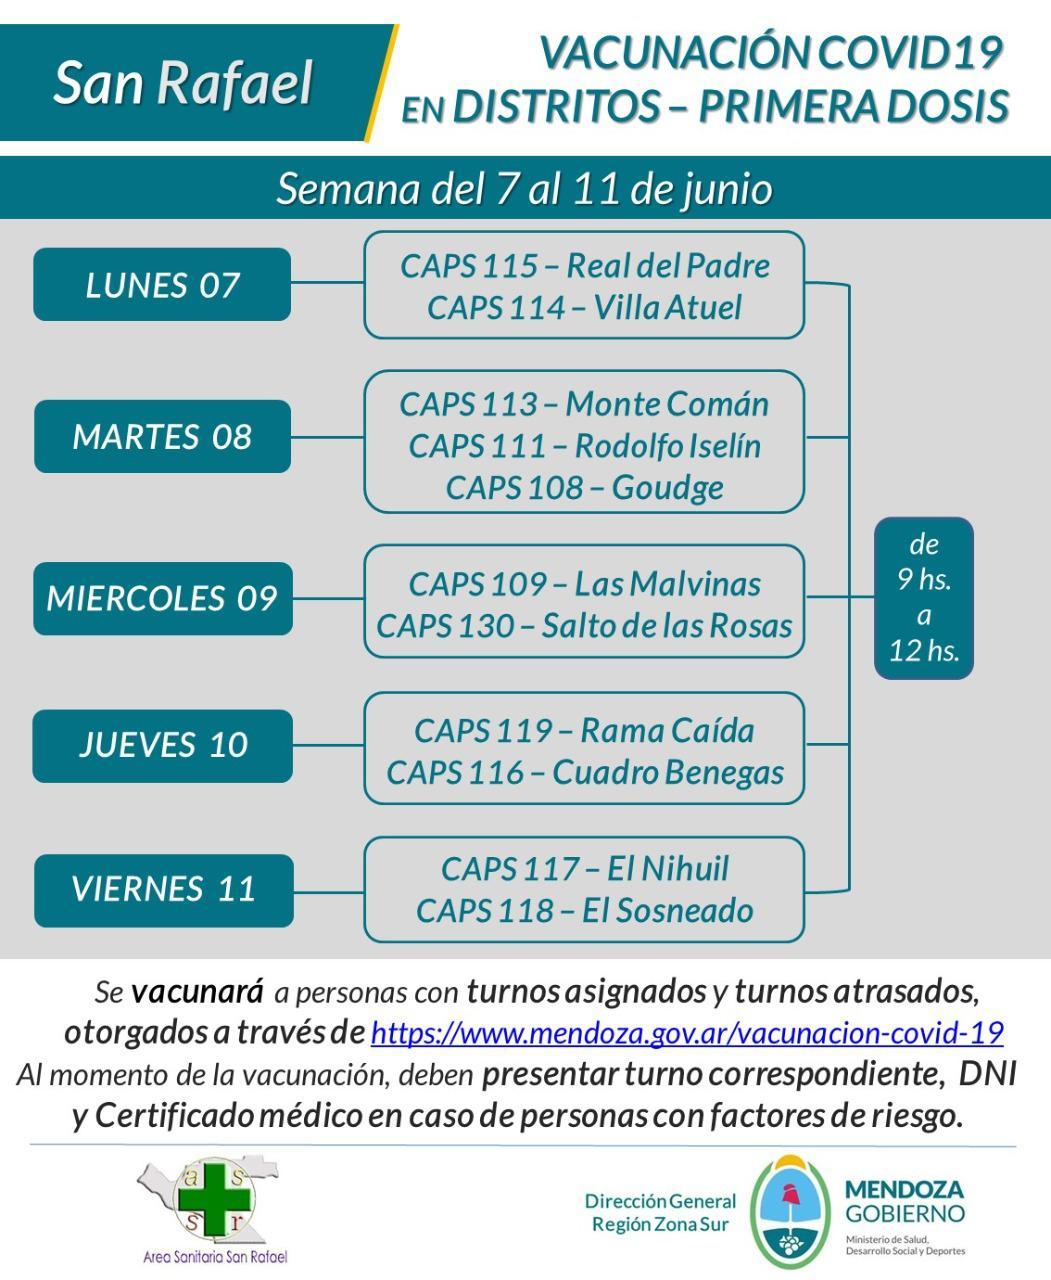 02a57e50-28b9-4cfd-b5c8-81d58e254d4e